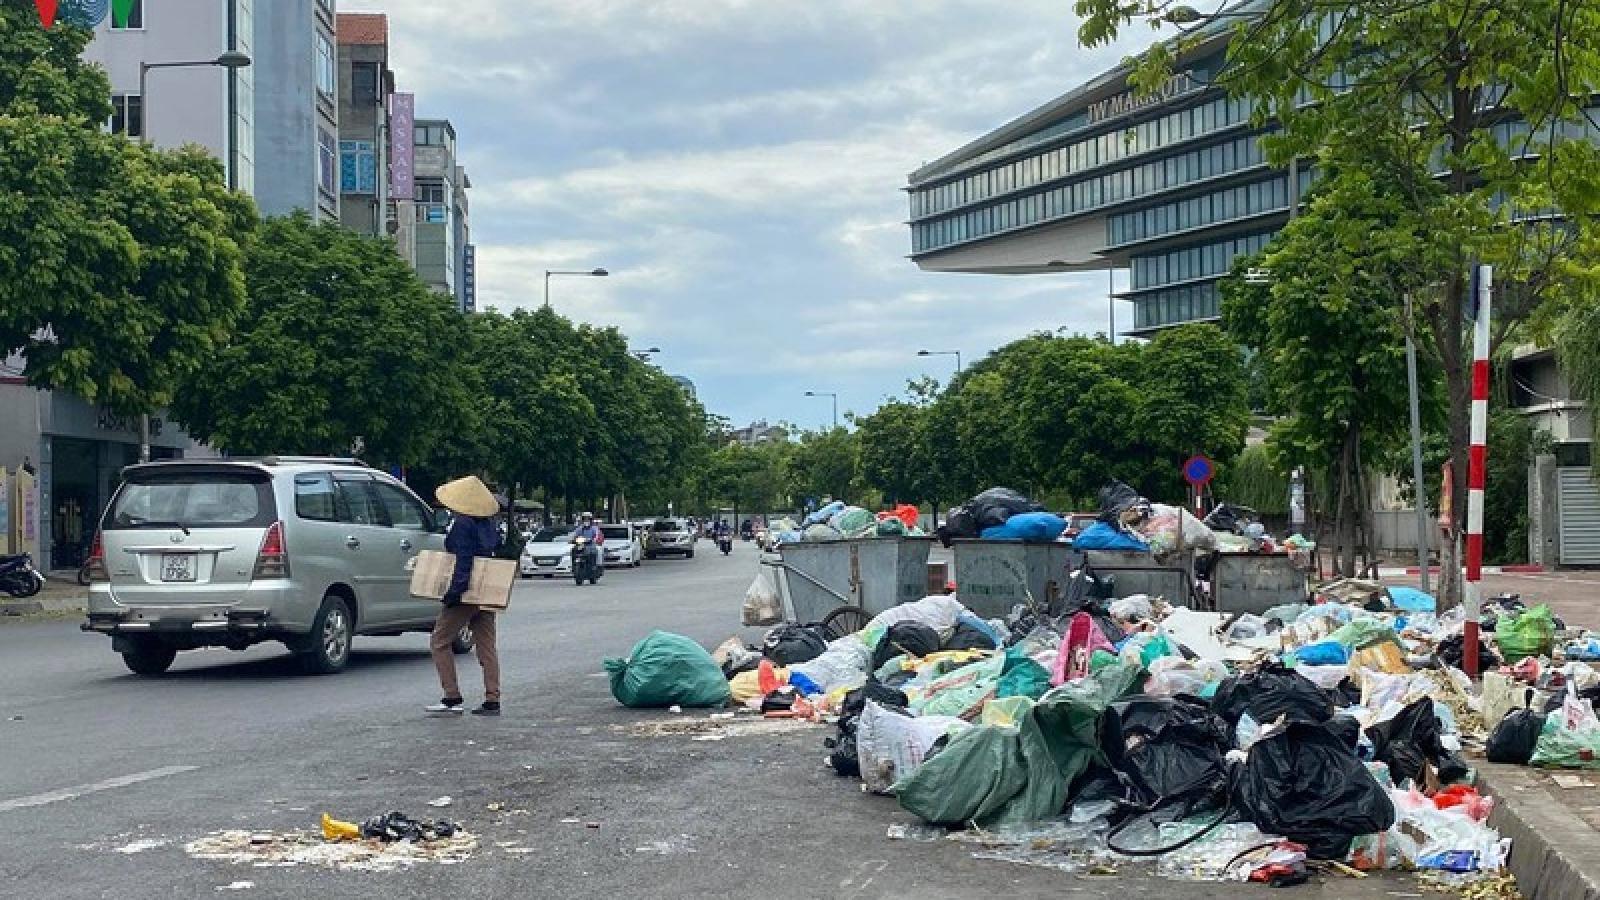 Làm gì để giải quyết dứt ùn ứ rác thải ở nội thành Hà Nội?